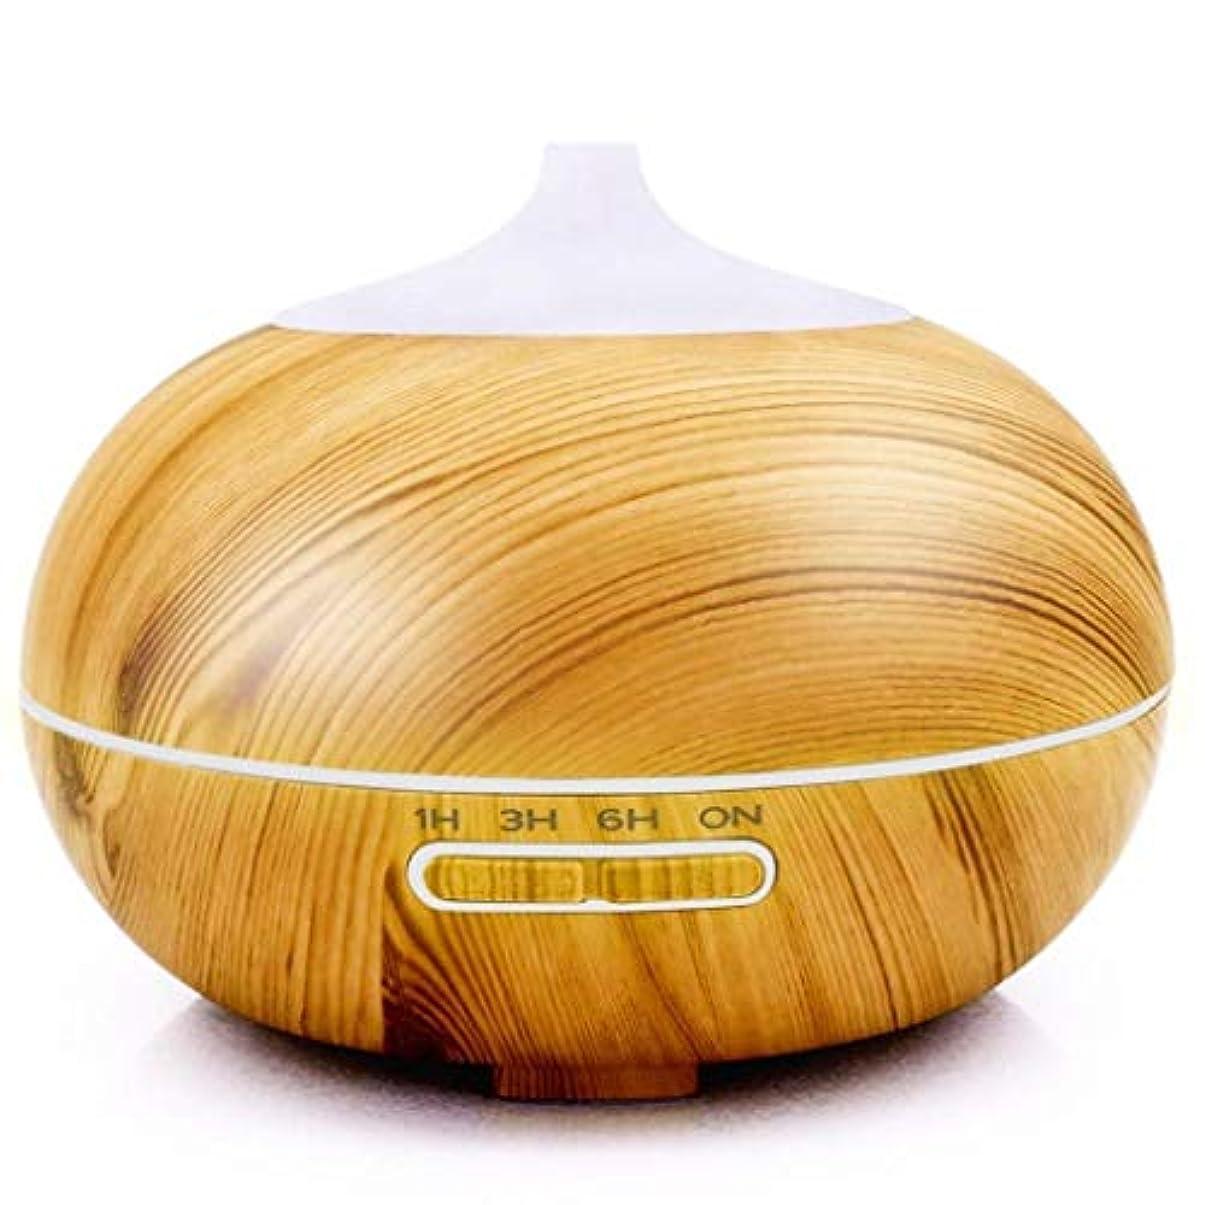 有害な常習者展示会300ミリリットルエッセンシャルオイルディフューザーアロマディフューザー木材穀物アロマディフューザーで7色ledライトウォーターレス自動シャットオフ用ホームオフィスヨガ (Color : Light Wood Grain)